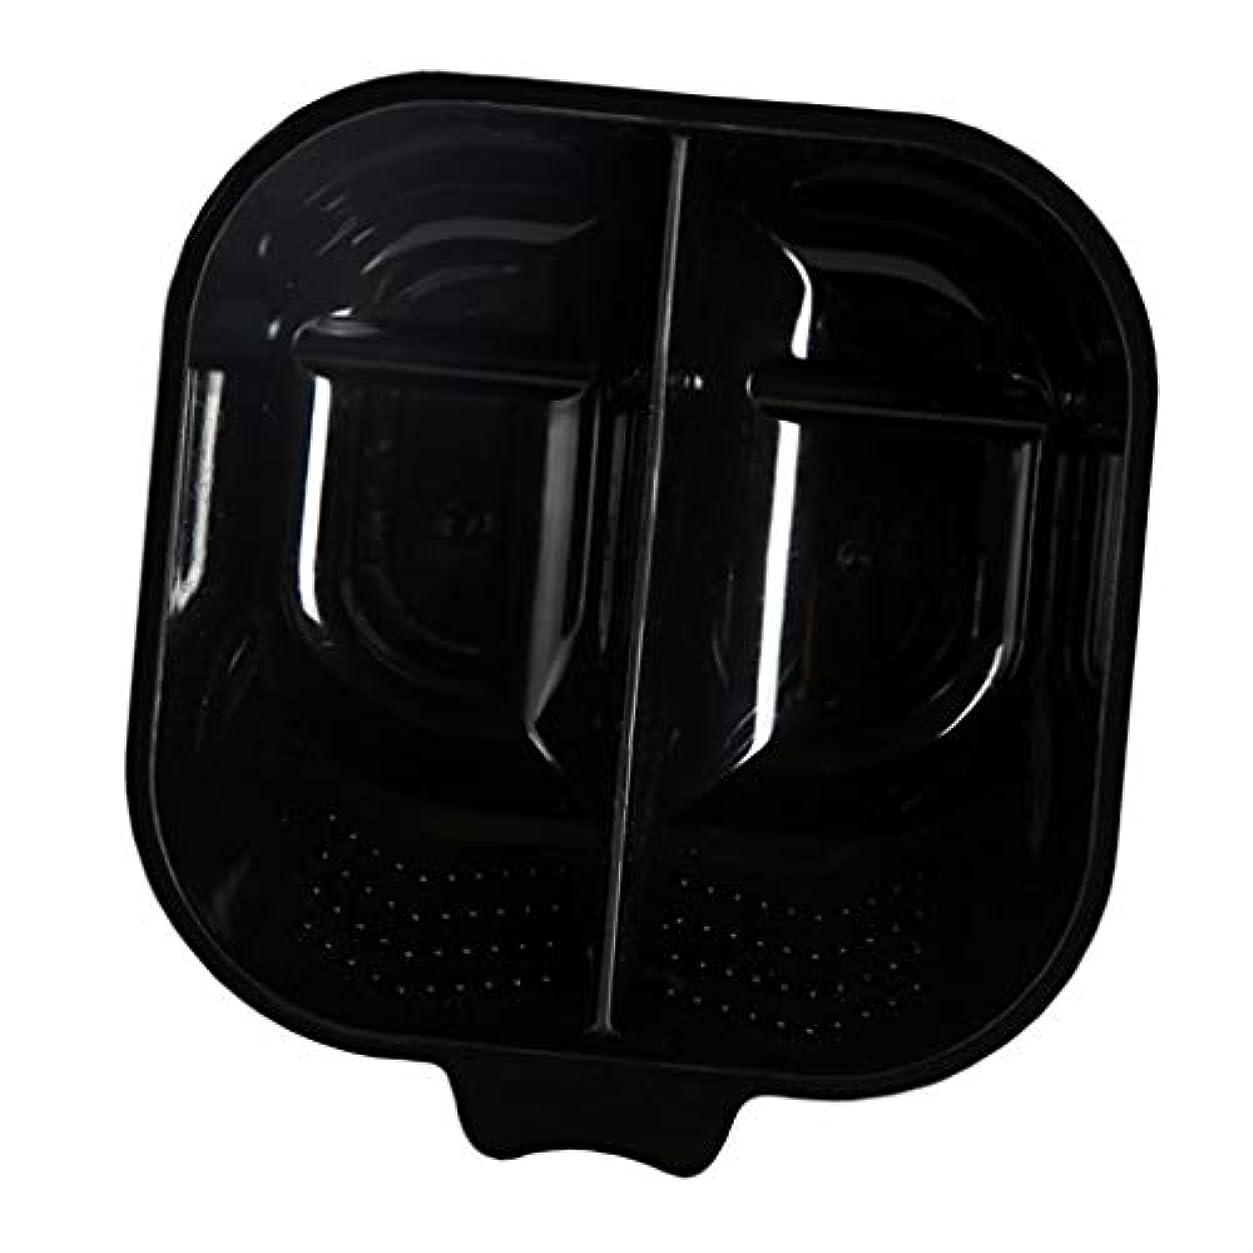 パーツ文献膿瘍ヘアカップ ヘアカラーボウル ヘアダイカップ 染料 混合ボール 滑り止め サロン 自宅 便利 全3色 - ブラック